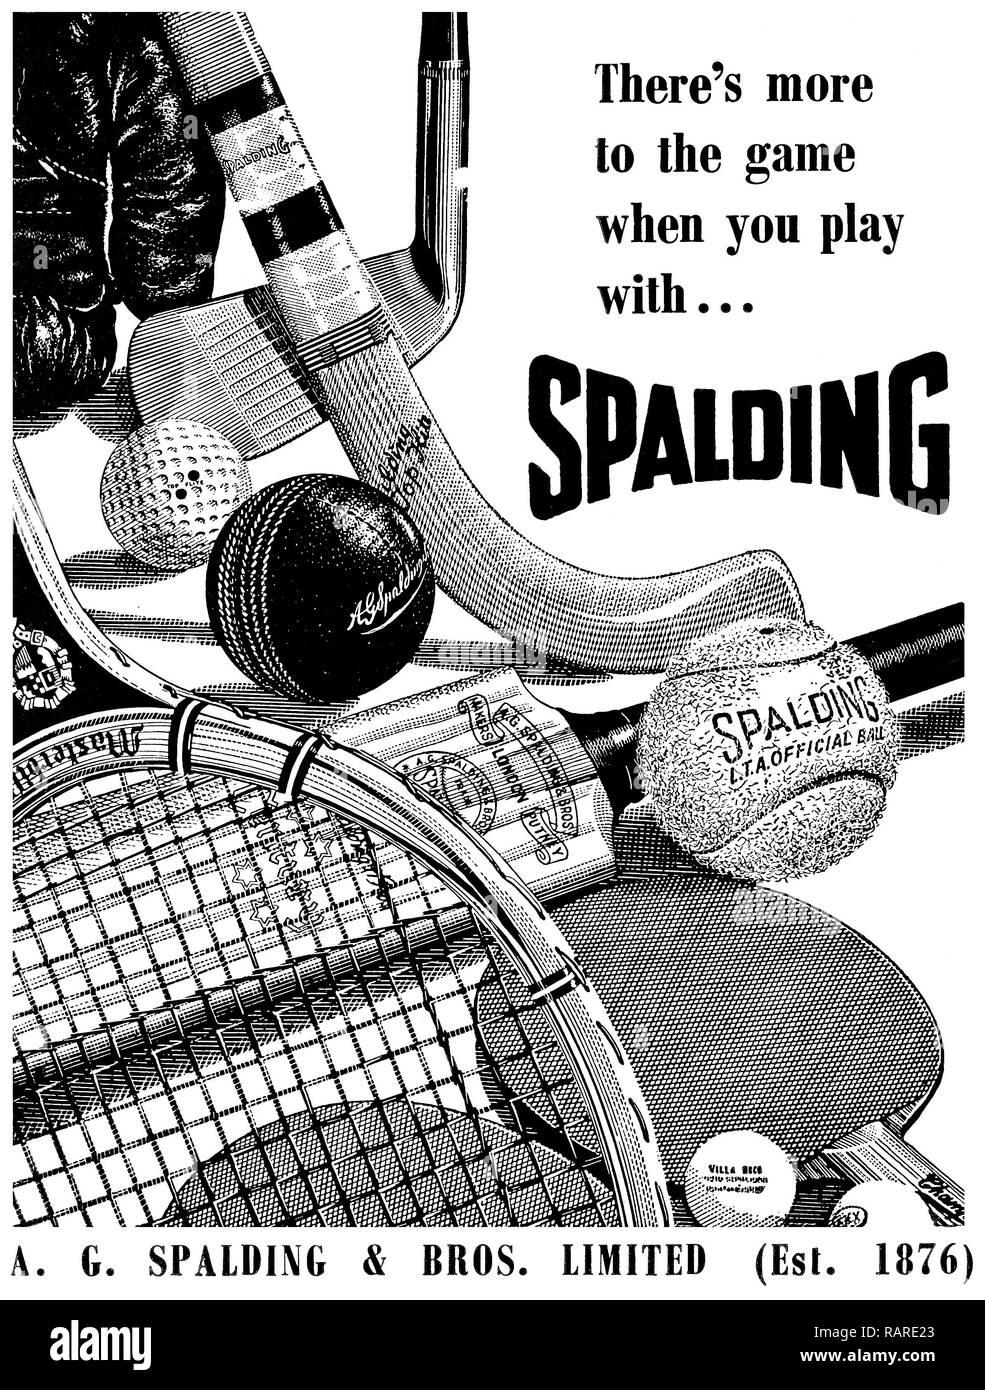 1953 anuncio británico de Spalding deportes de equipo. Imagen De Stock